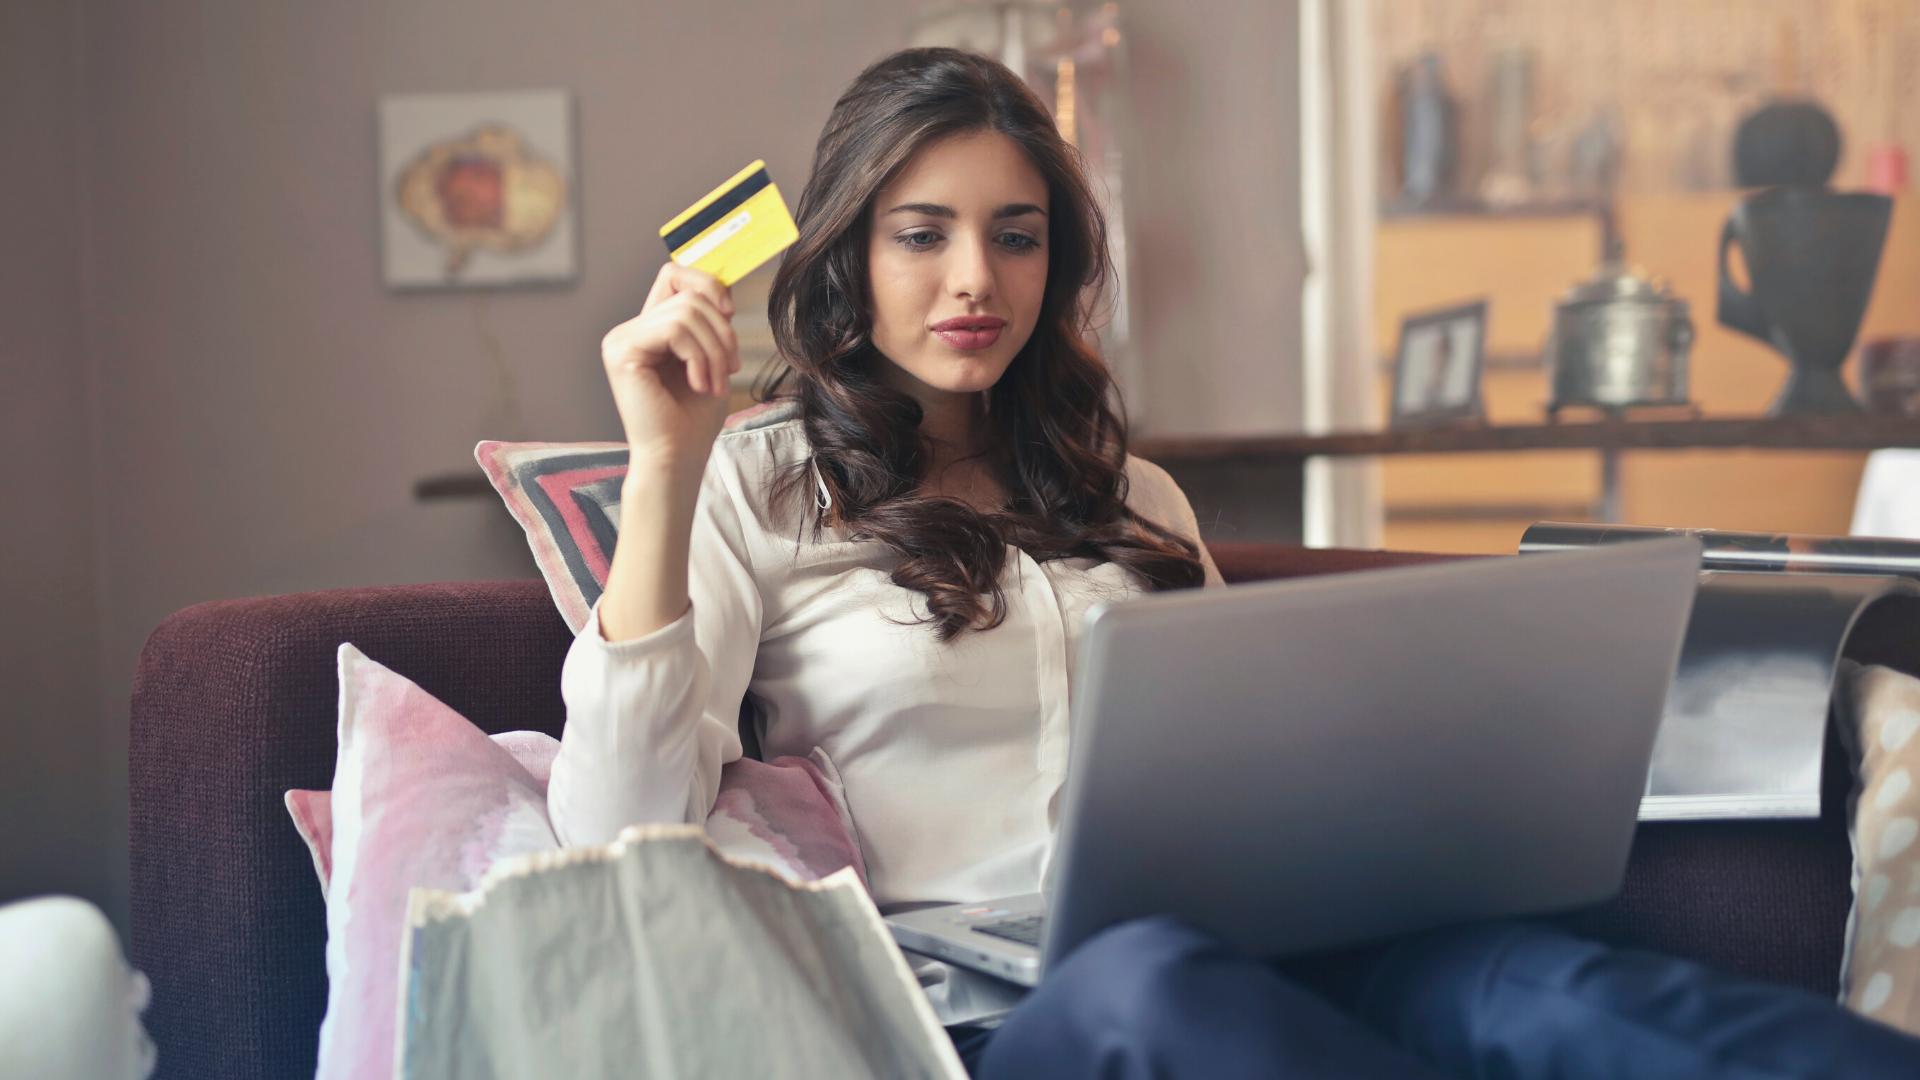 Einführung ins Onlineshop-System (Shopify) *ONLINE*